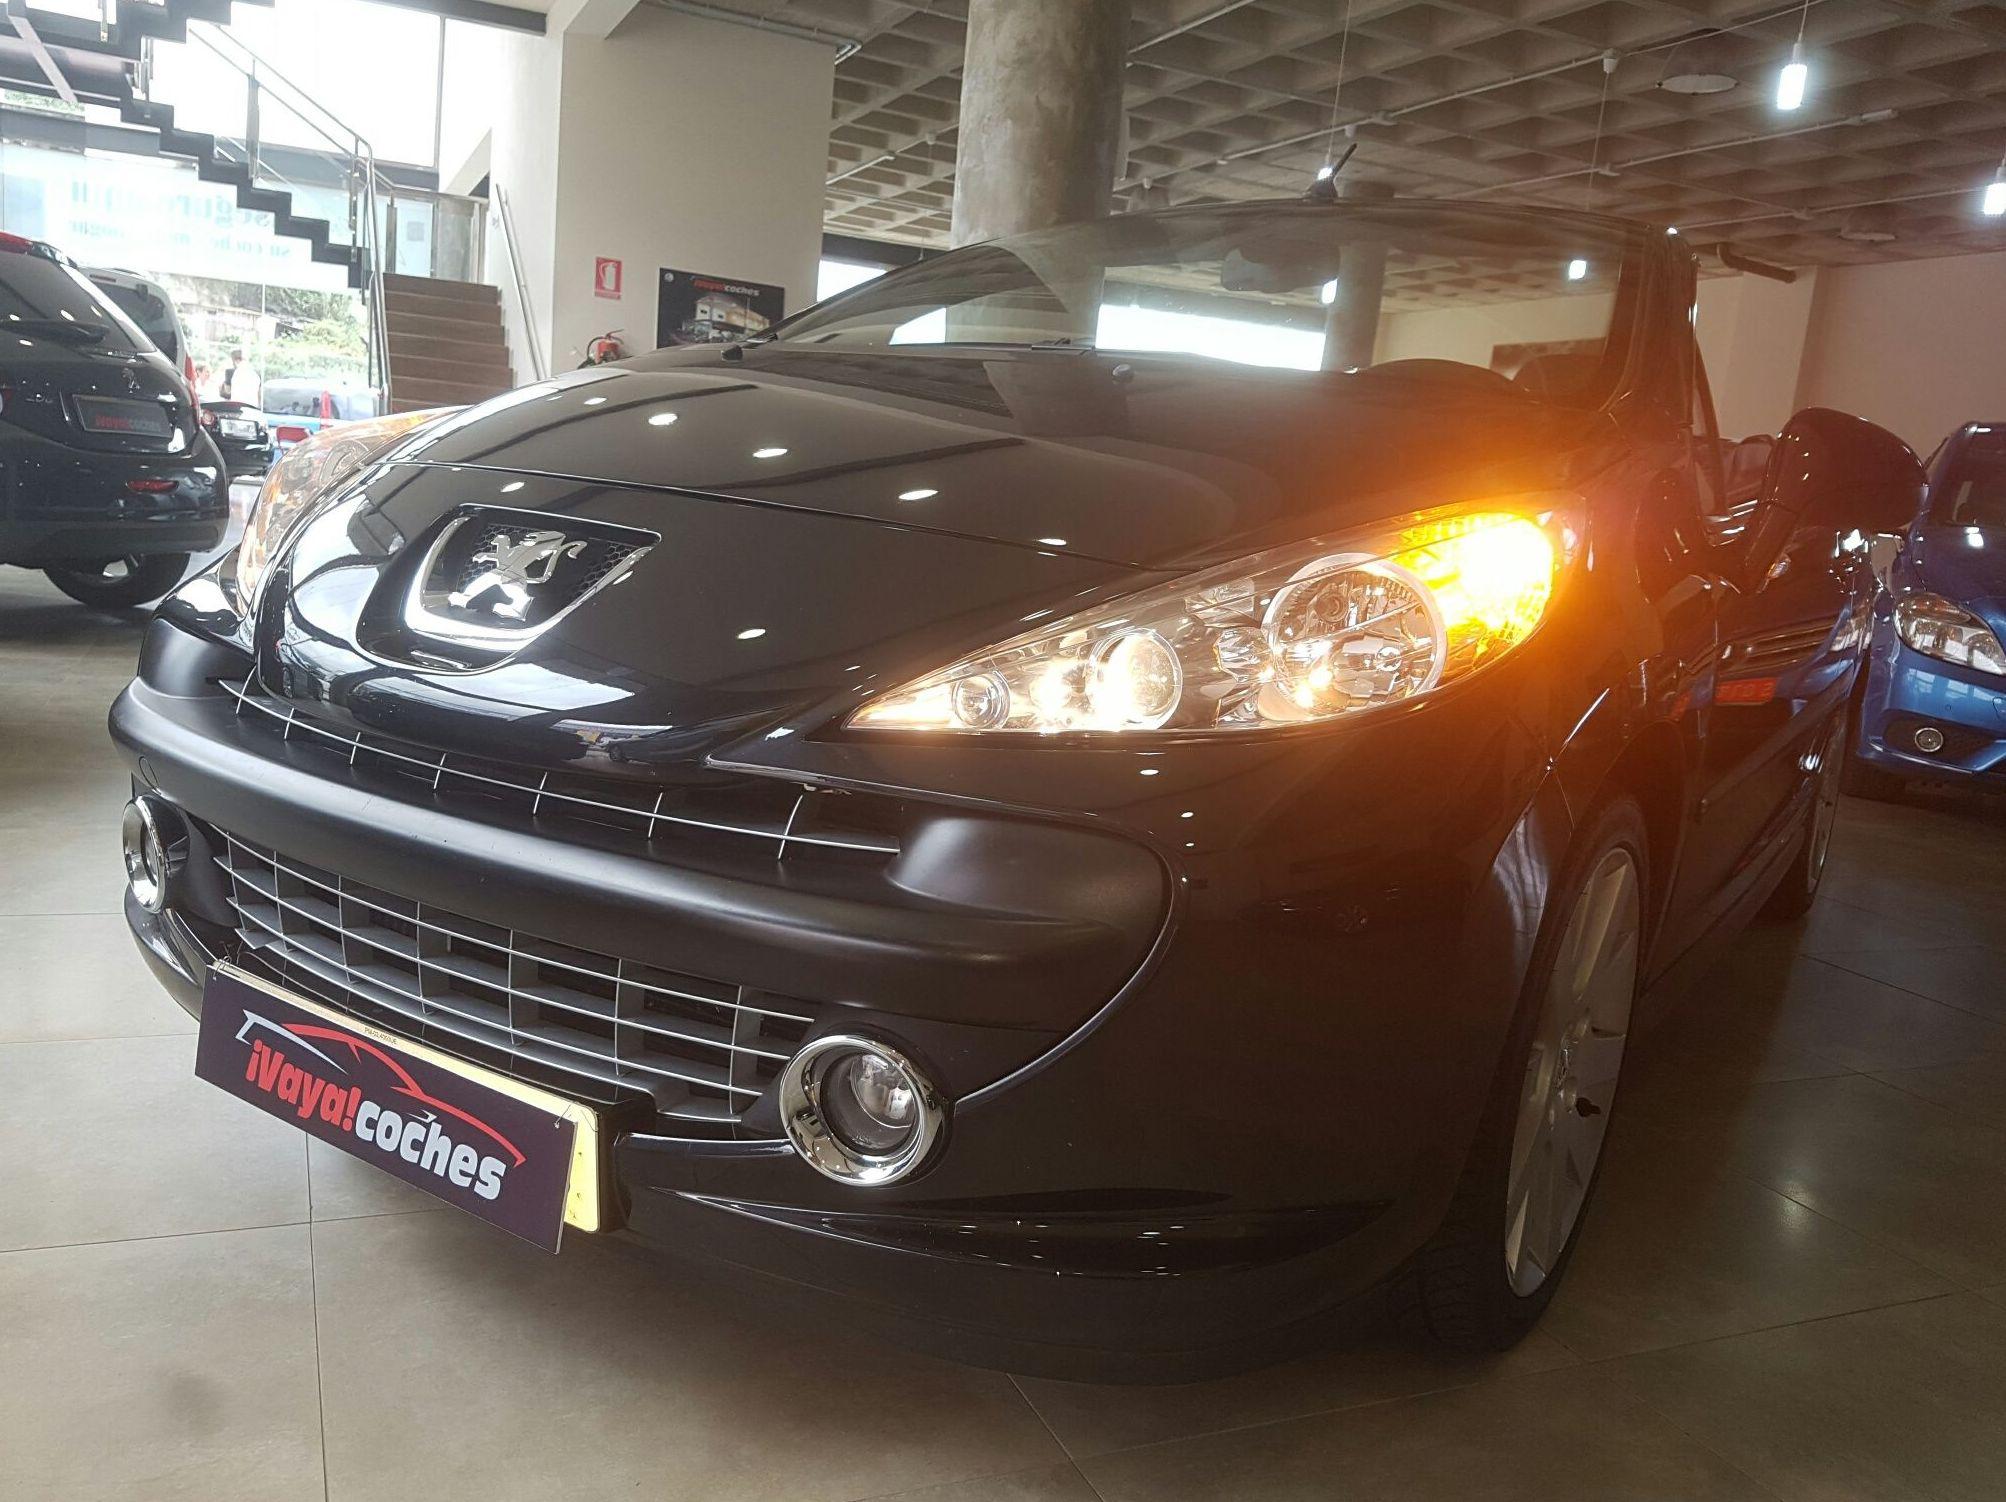 Foto 6 de Concesionario de coches en Los Realejos | VAYA COCHES SL